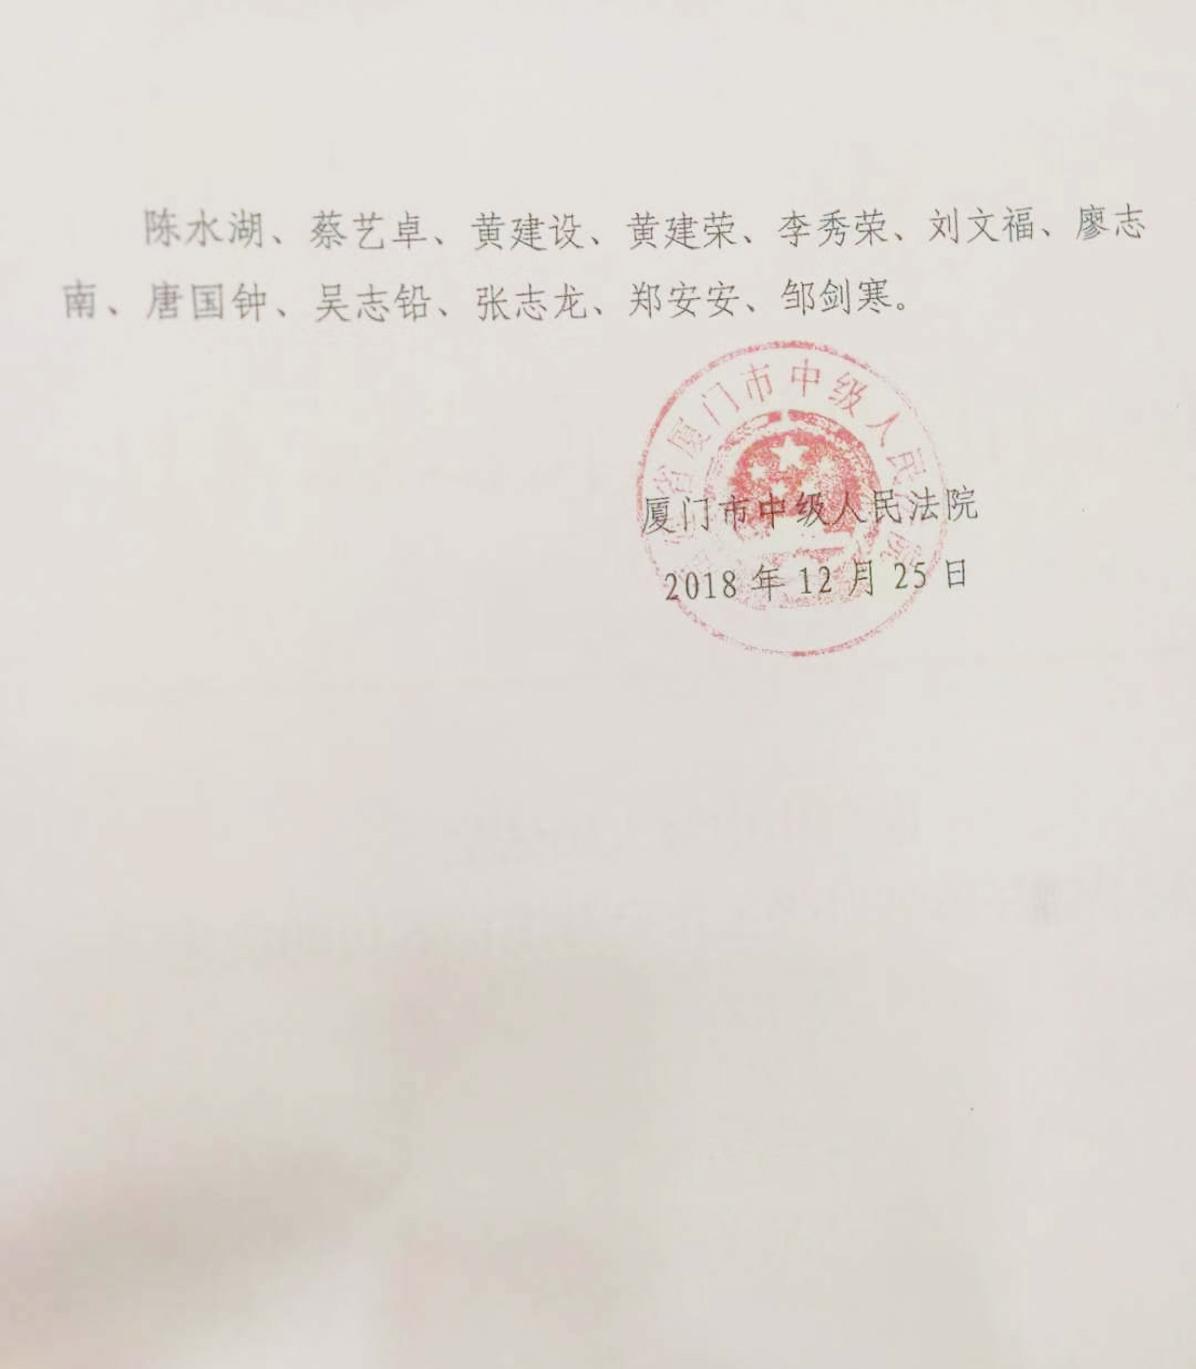 莱尔斯特董事长廖志南荣聘为厦门中院特邀调解员_图3